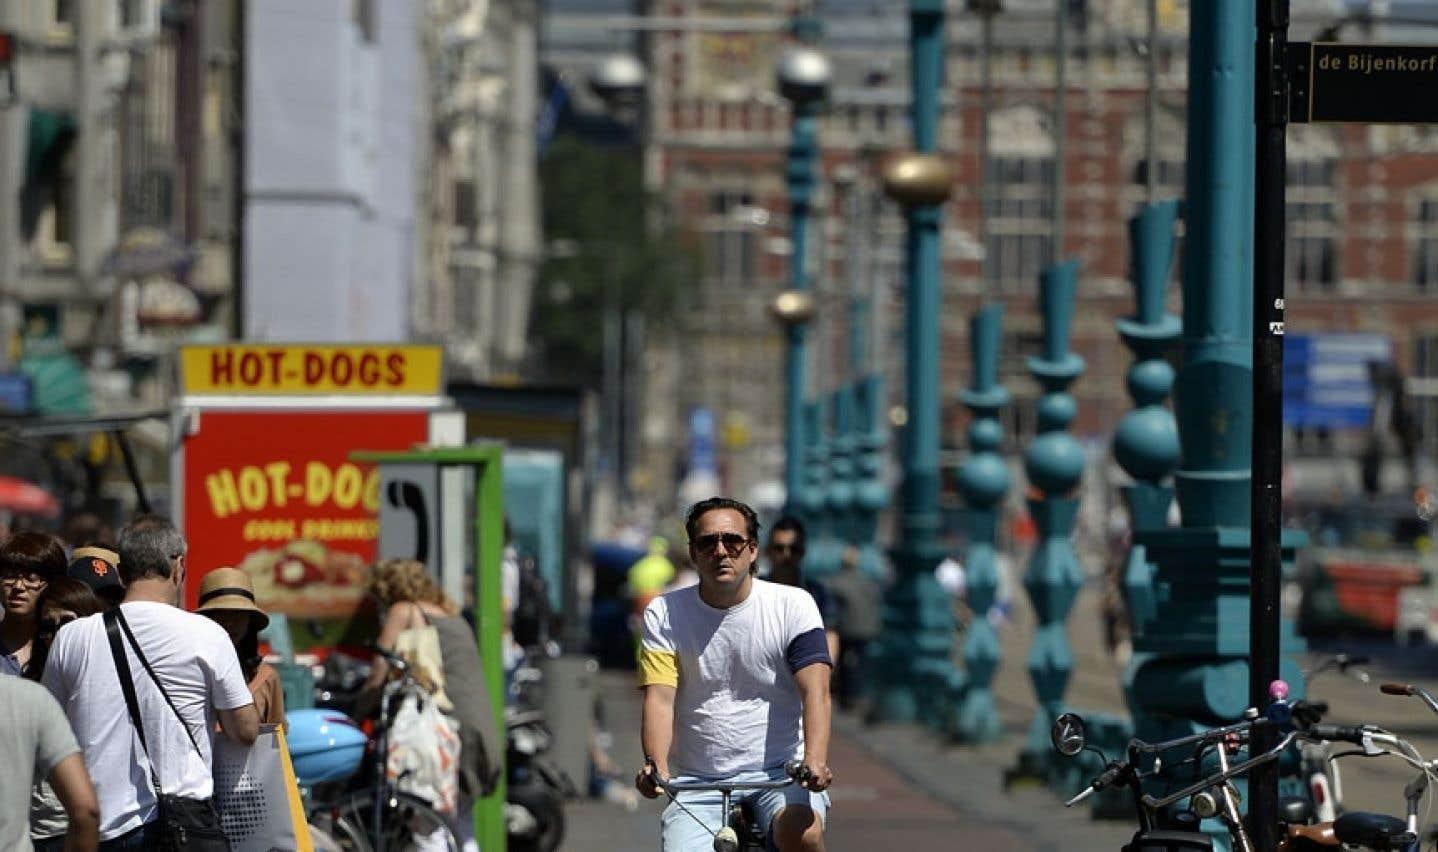 Une des écoles proposera à l'étudiant de se familiariser avec les concepts sous-jacents des villes intelligentes (la ville d'Amsterdam, illustrée ci-dessus, en est un exemple).